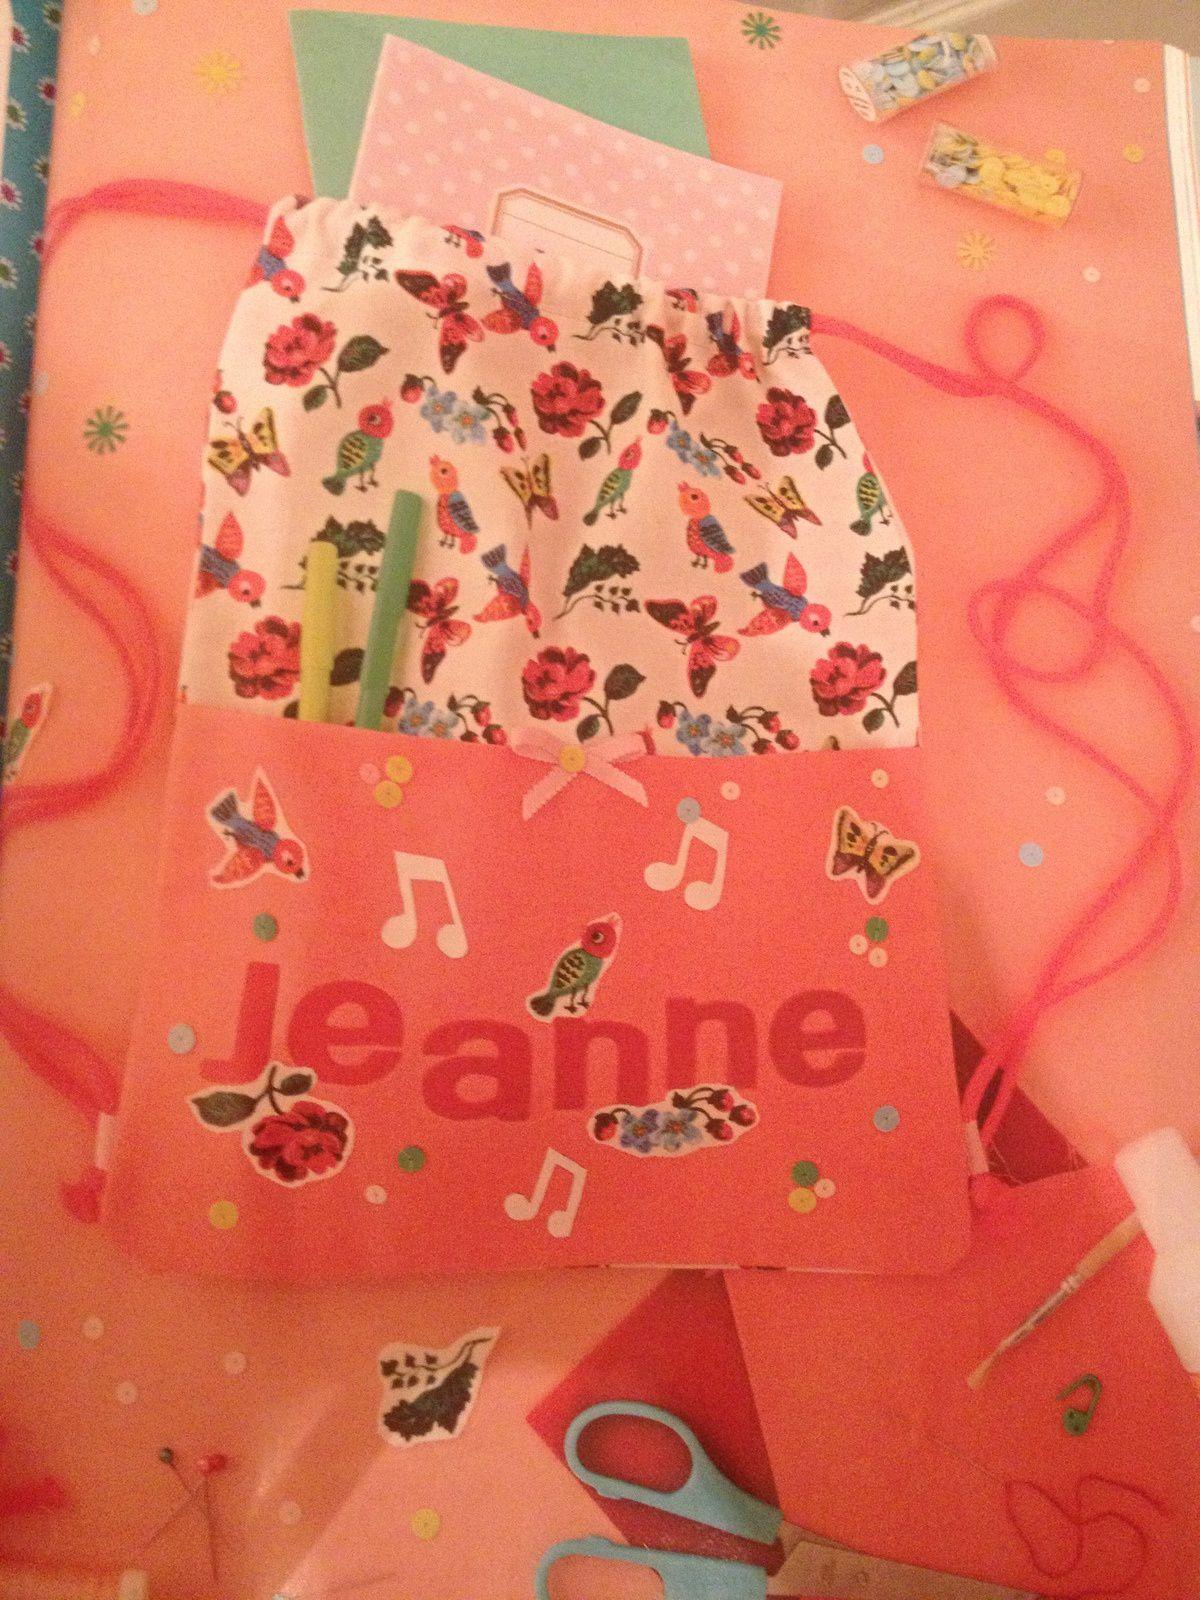 #jeanne #prenom #charlotteblabla blog